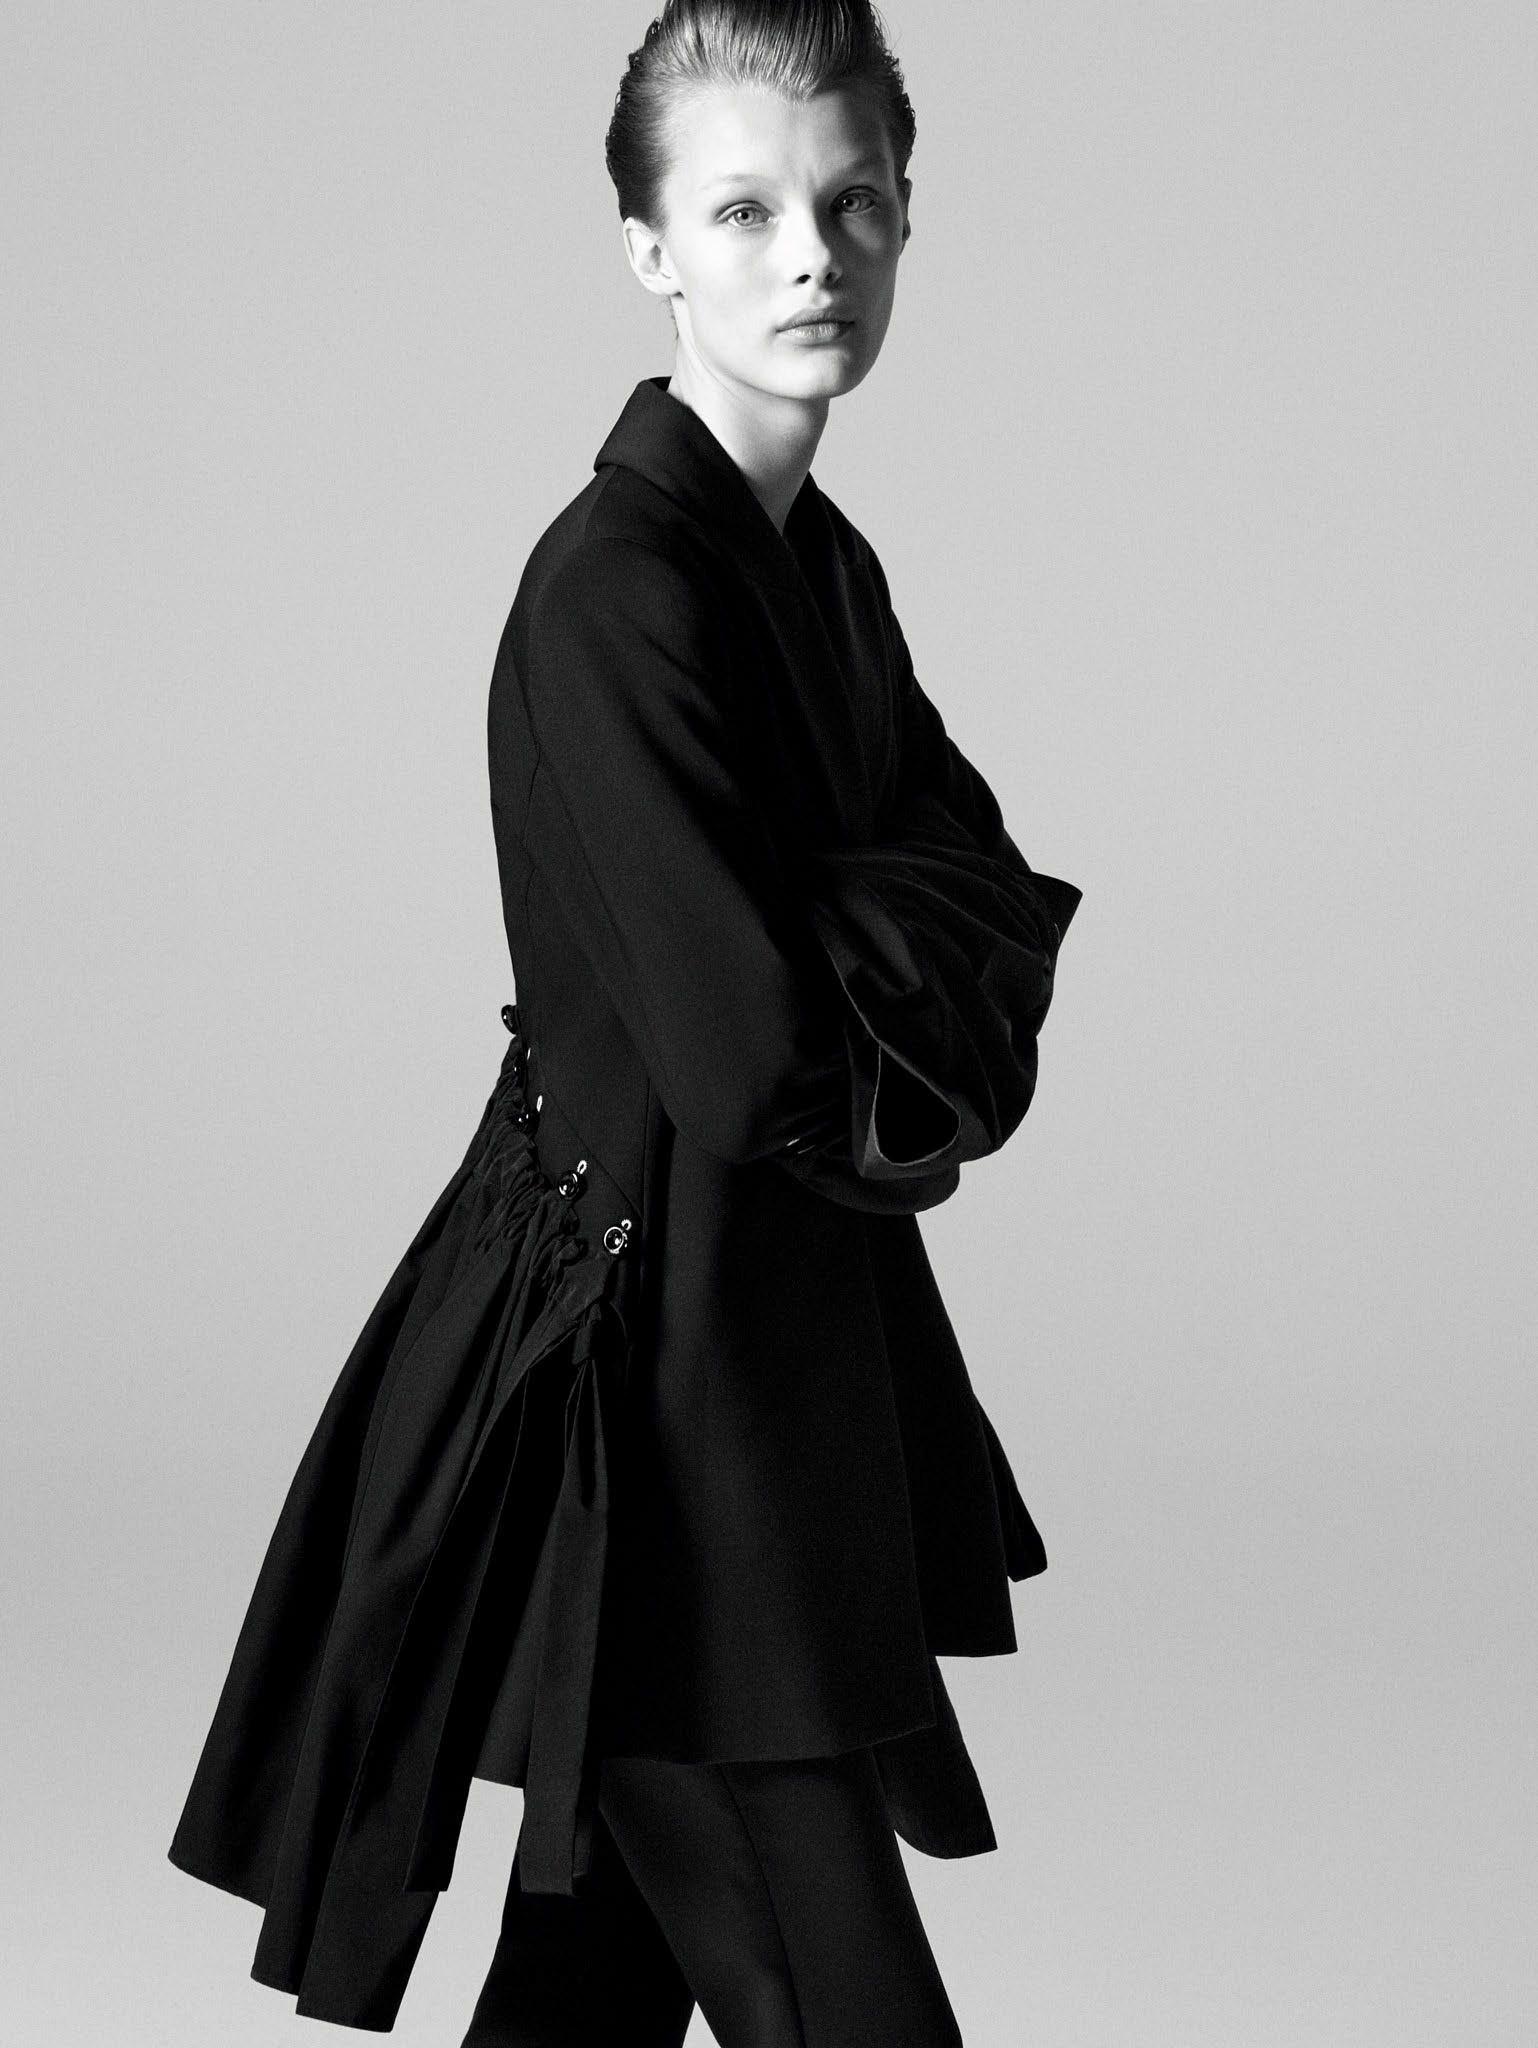 Кристина Грикайте в фотосъёмке Дэниела Джексона для китайского Vogue, май 2017 9